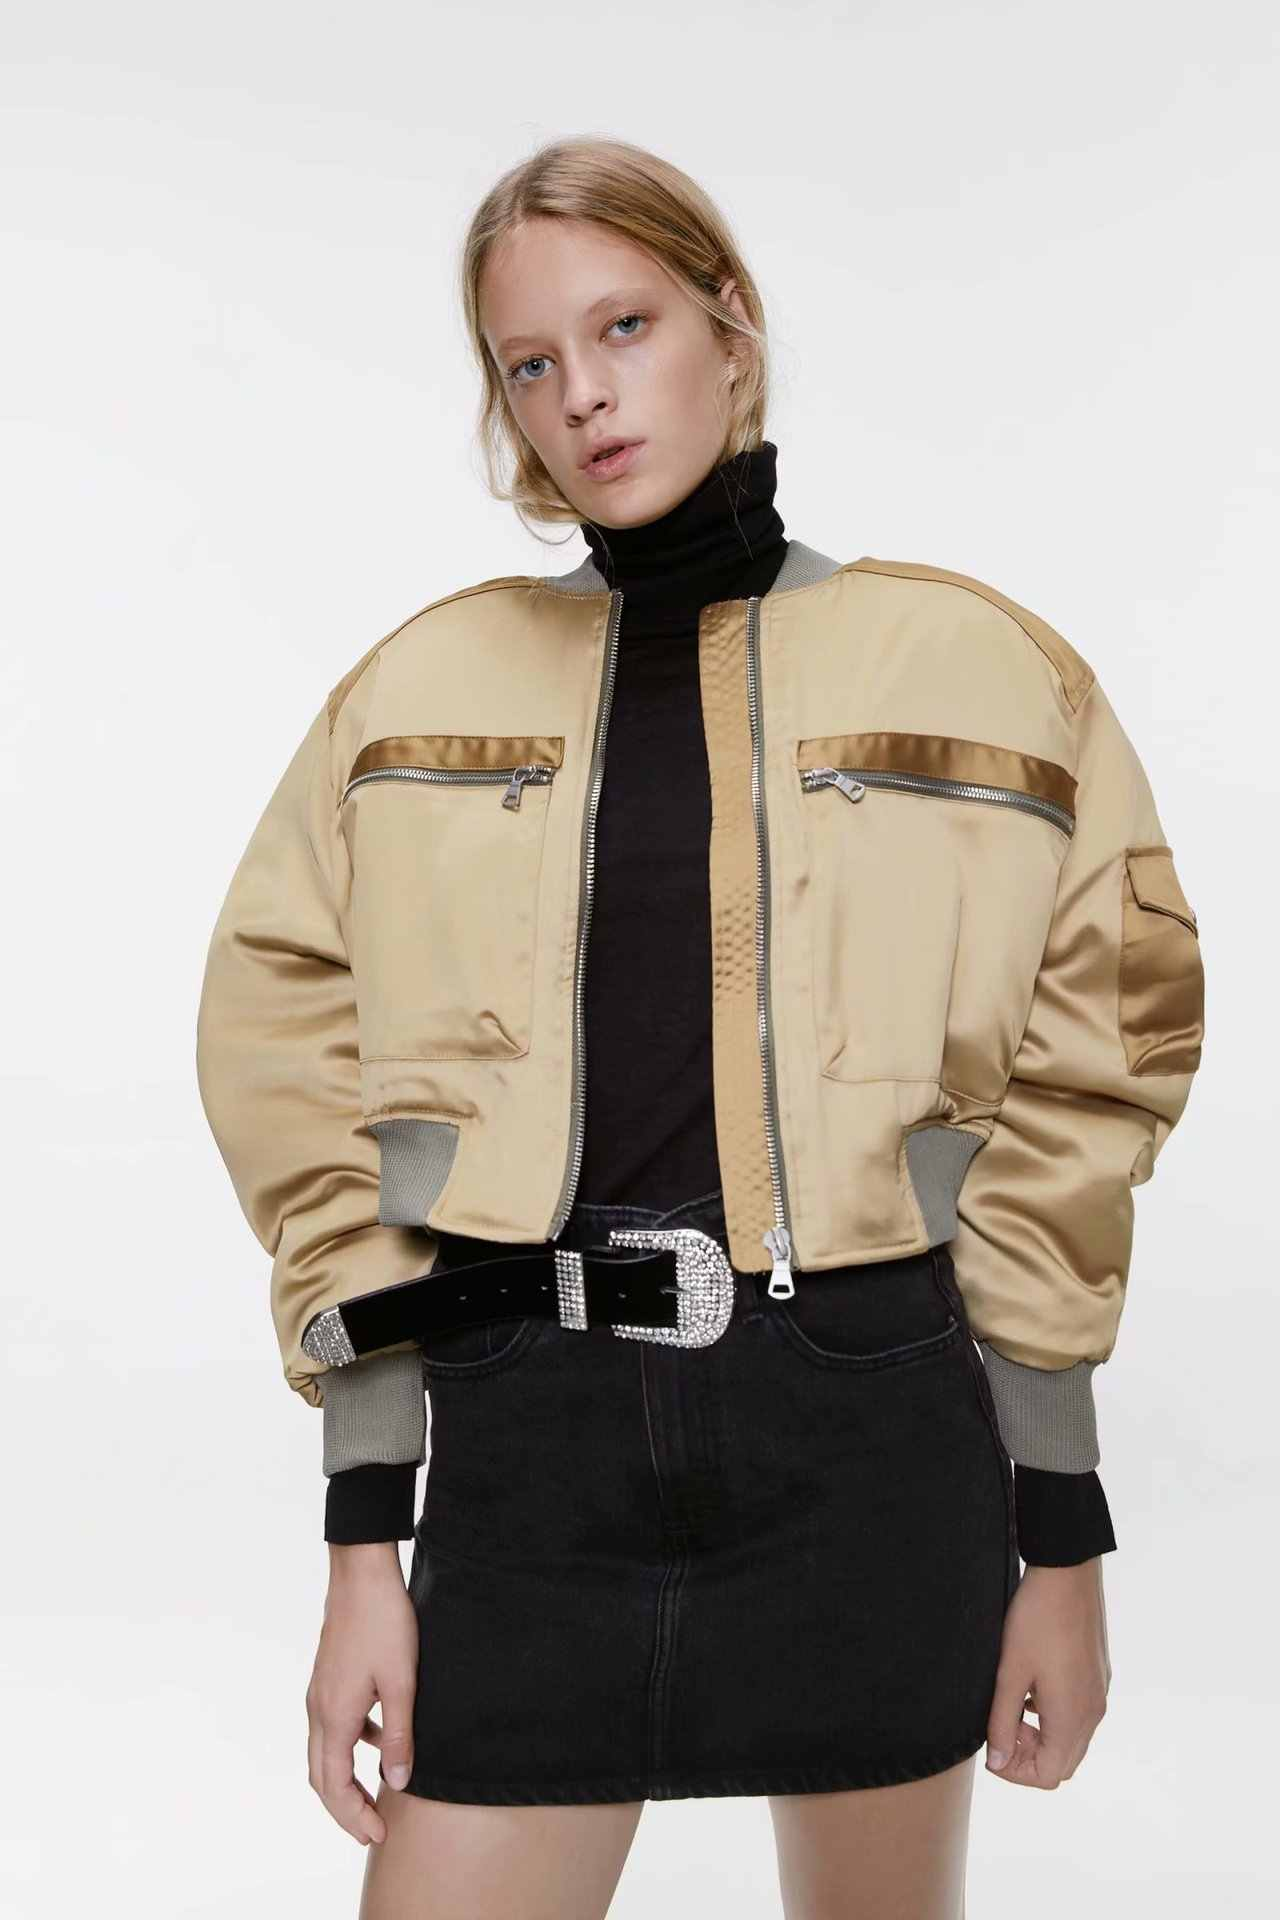 2019 ZA nowo jesień kobiet w stylu Vintage kurtka Bomber luźne Satin Baseball kurtka z długim rękawem ciepły płaszcz w stylu casual Trendy Streetwear